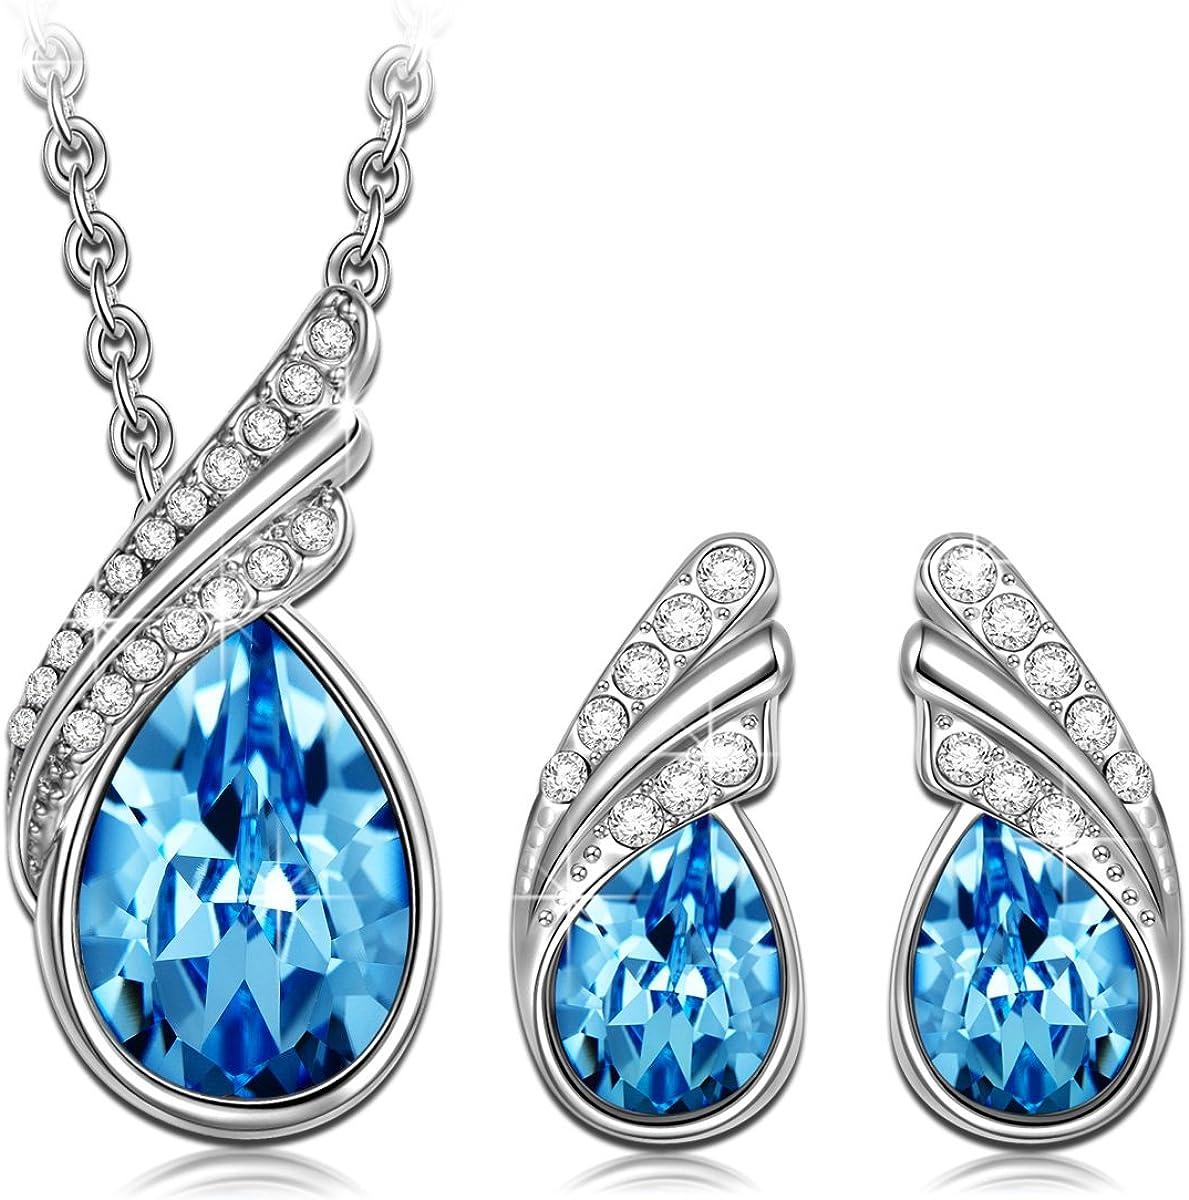 Kami Idea Mujer Conjunto de Joyas, Pluma Azul, Collar y Pendientes, Cristales de Swarovski, Embalaje de Regalo, Regalos para Mamá